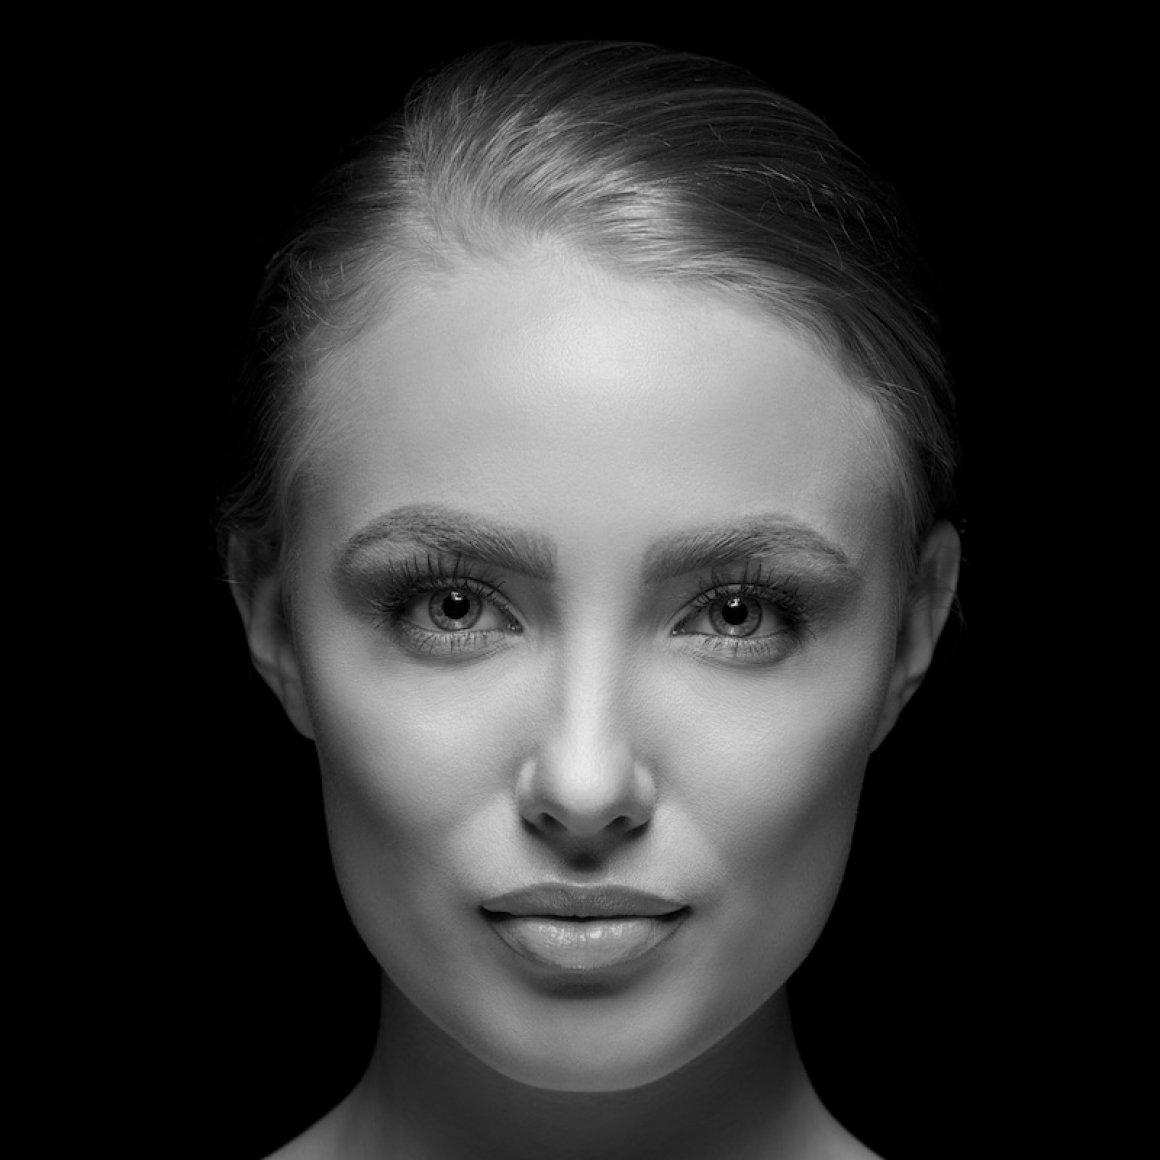 face-bw-800x800